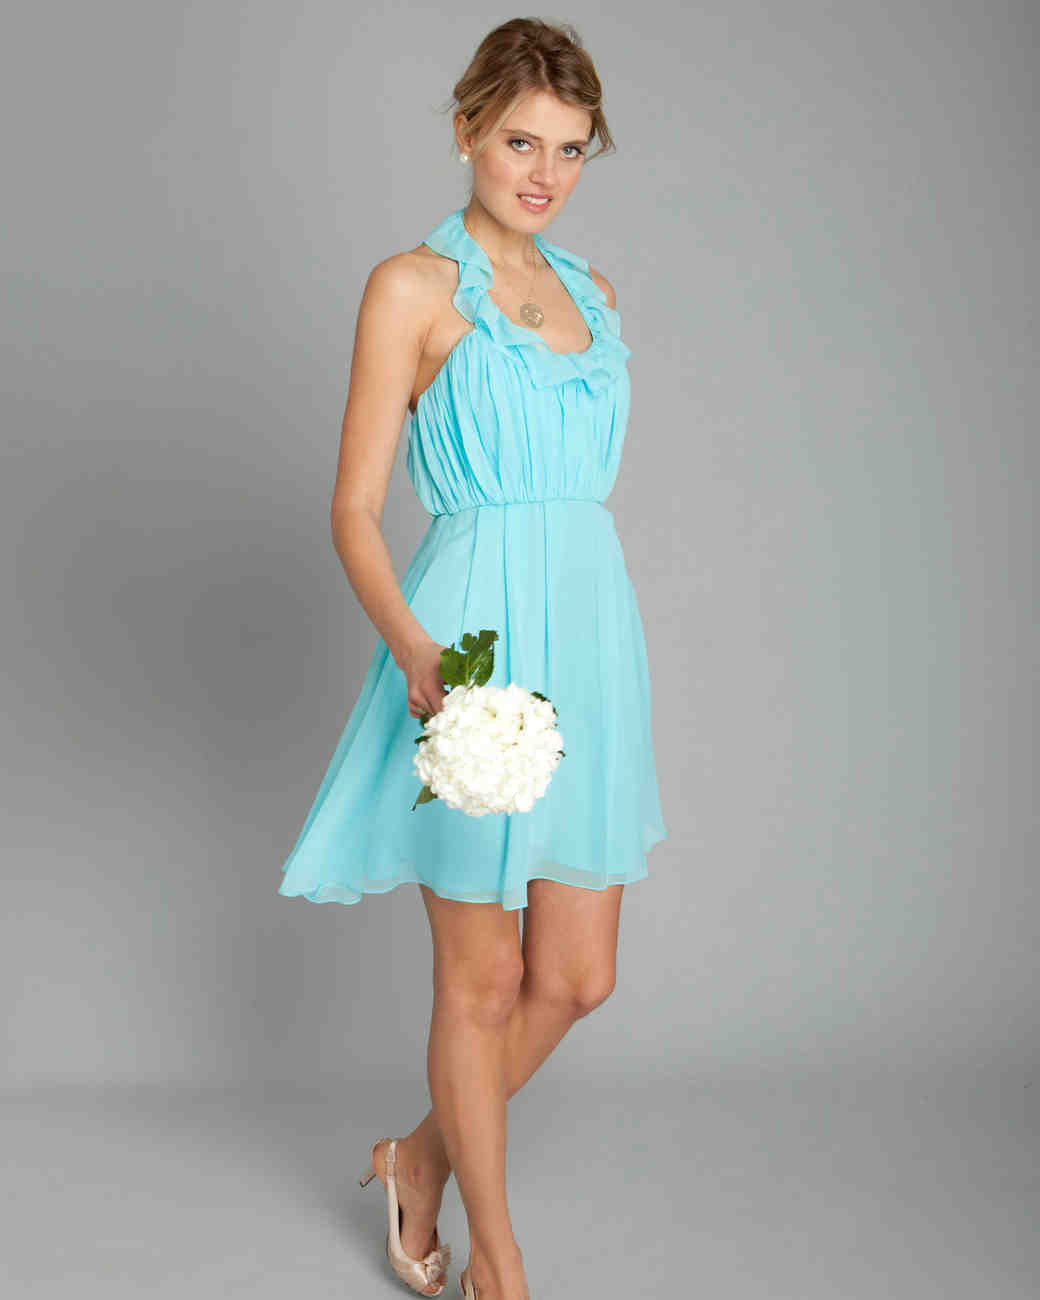 Teal bridesmaid dresses beach wedding high cut wedding for Teal dresses for weddings